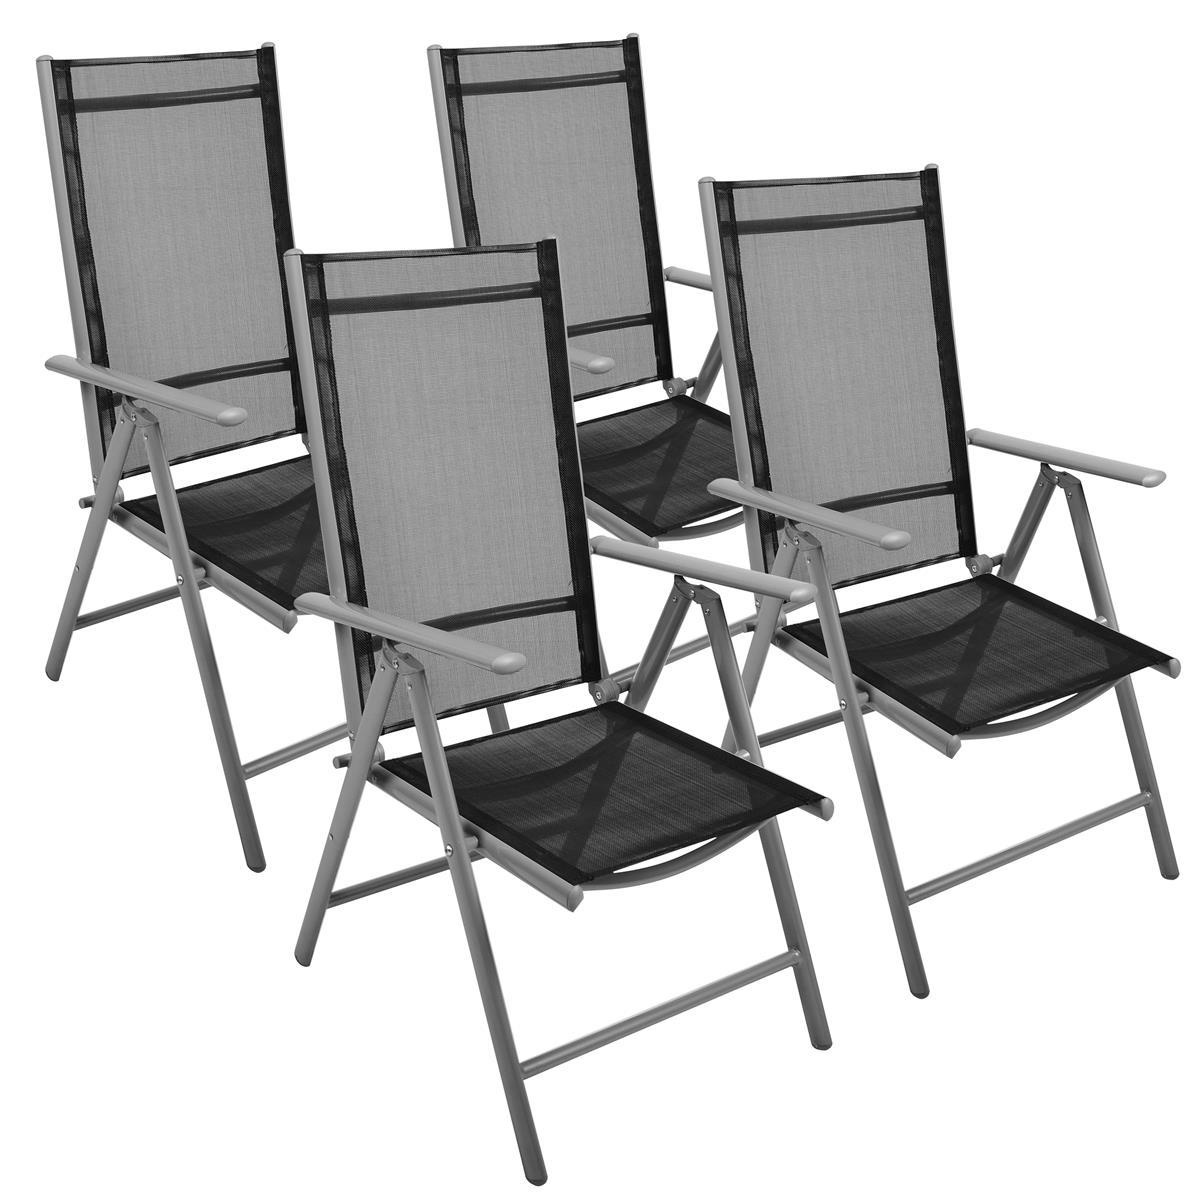 4er Set Klappstuhl schwarz Klappsessel Gartenstuhl Campingstuhl Liegestuhl